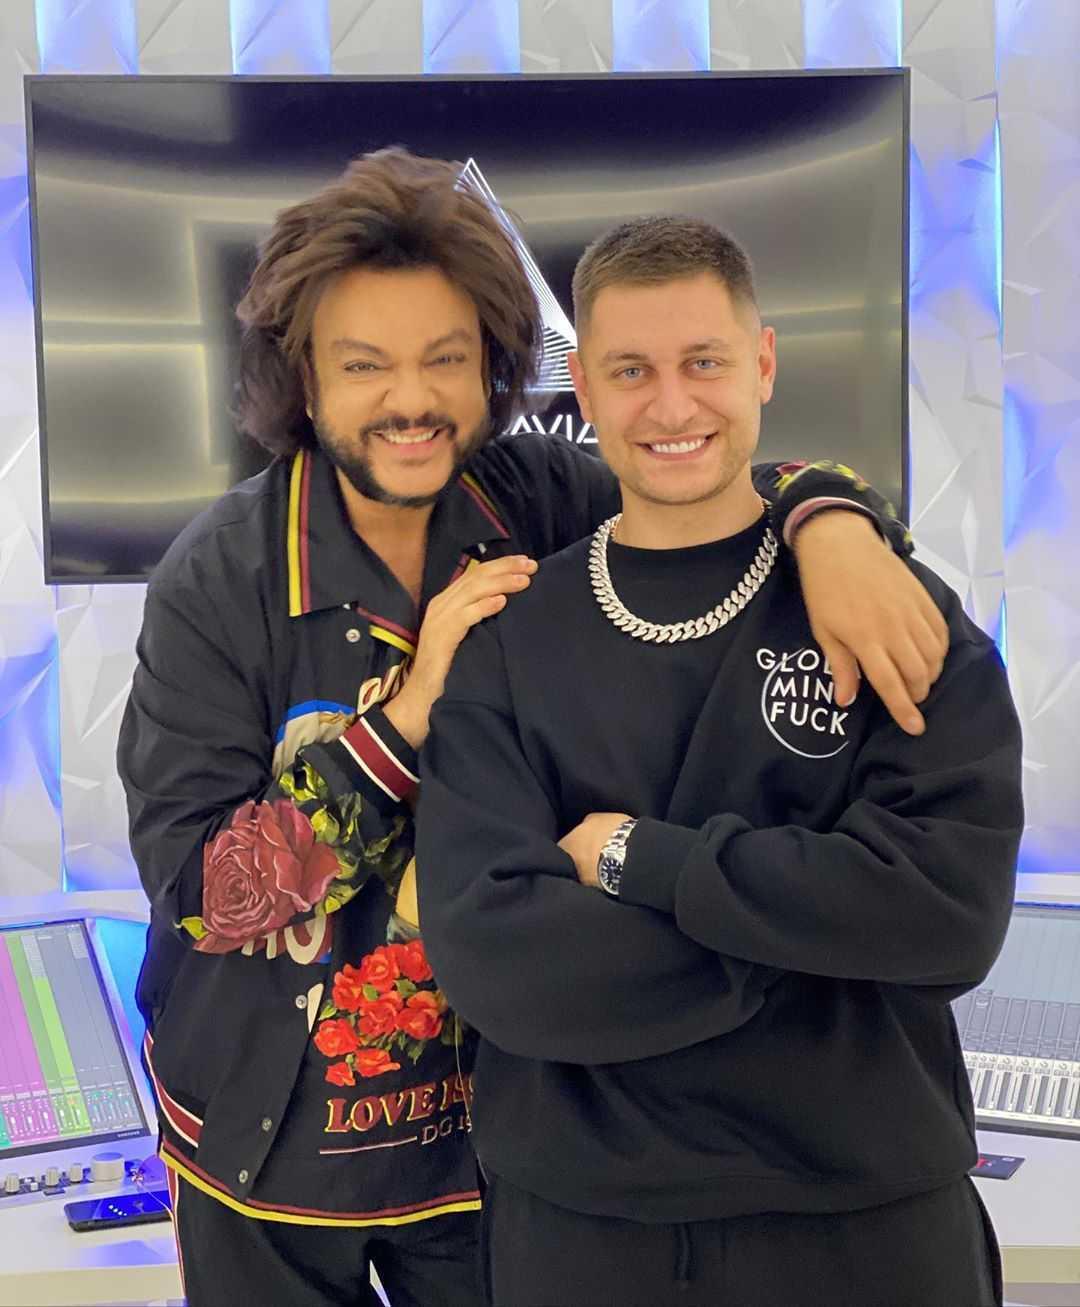 Филипп Киркоров лишил фанатов дара речи откровенным снимком в Сети